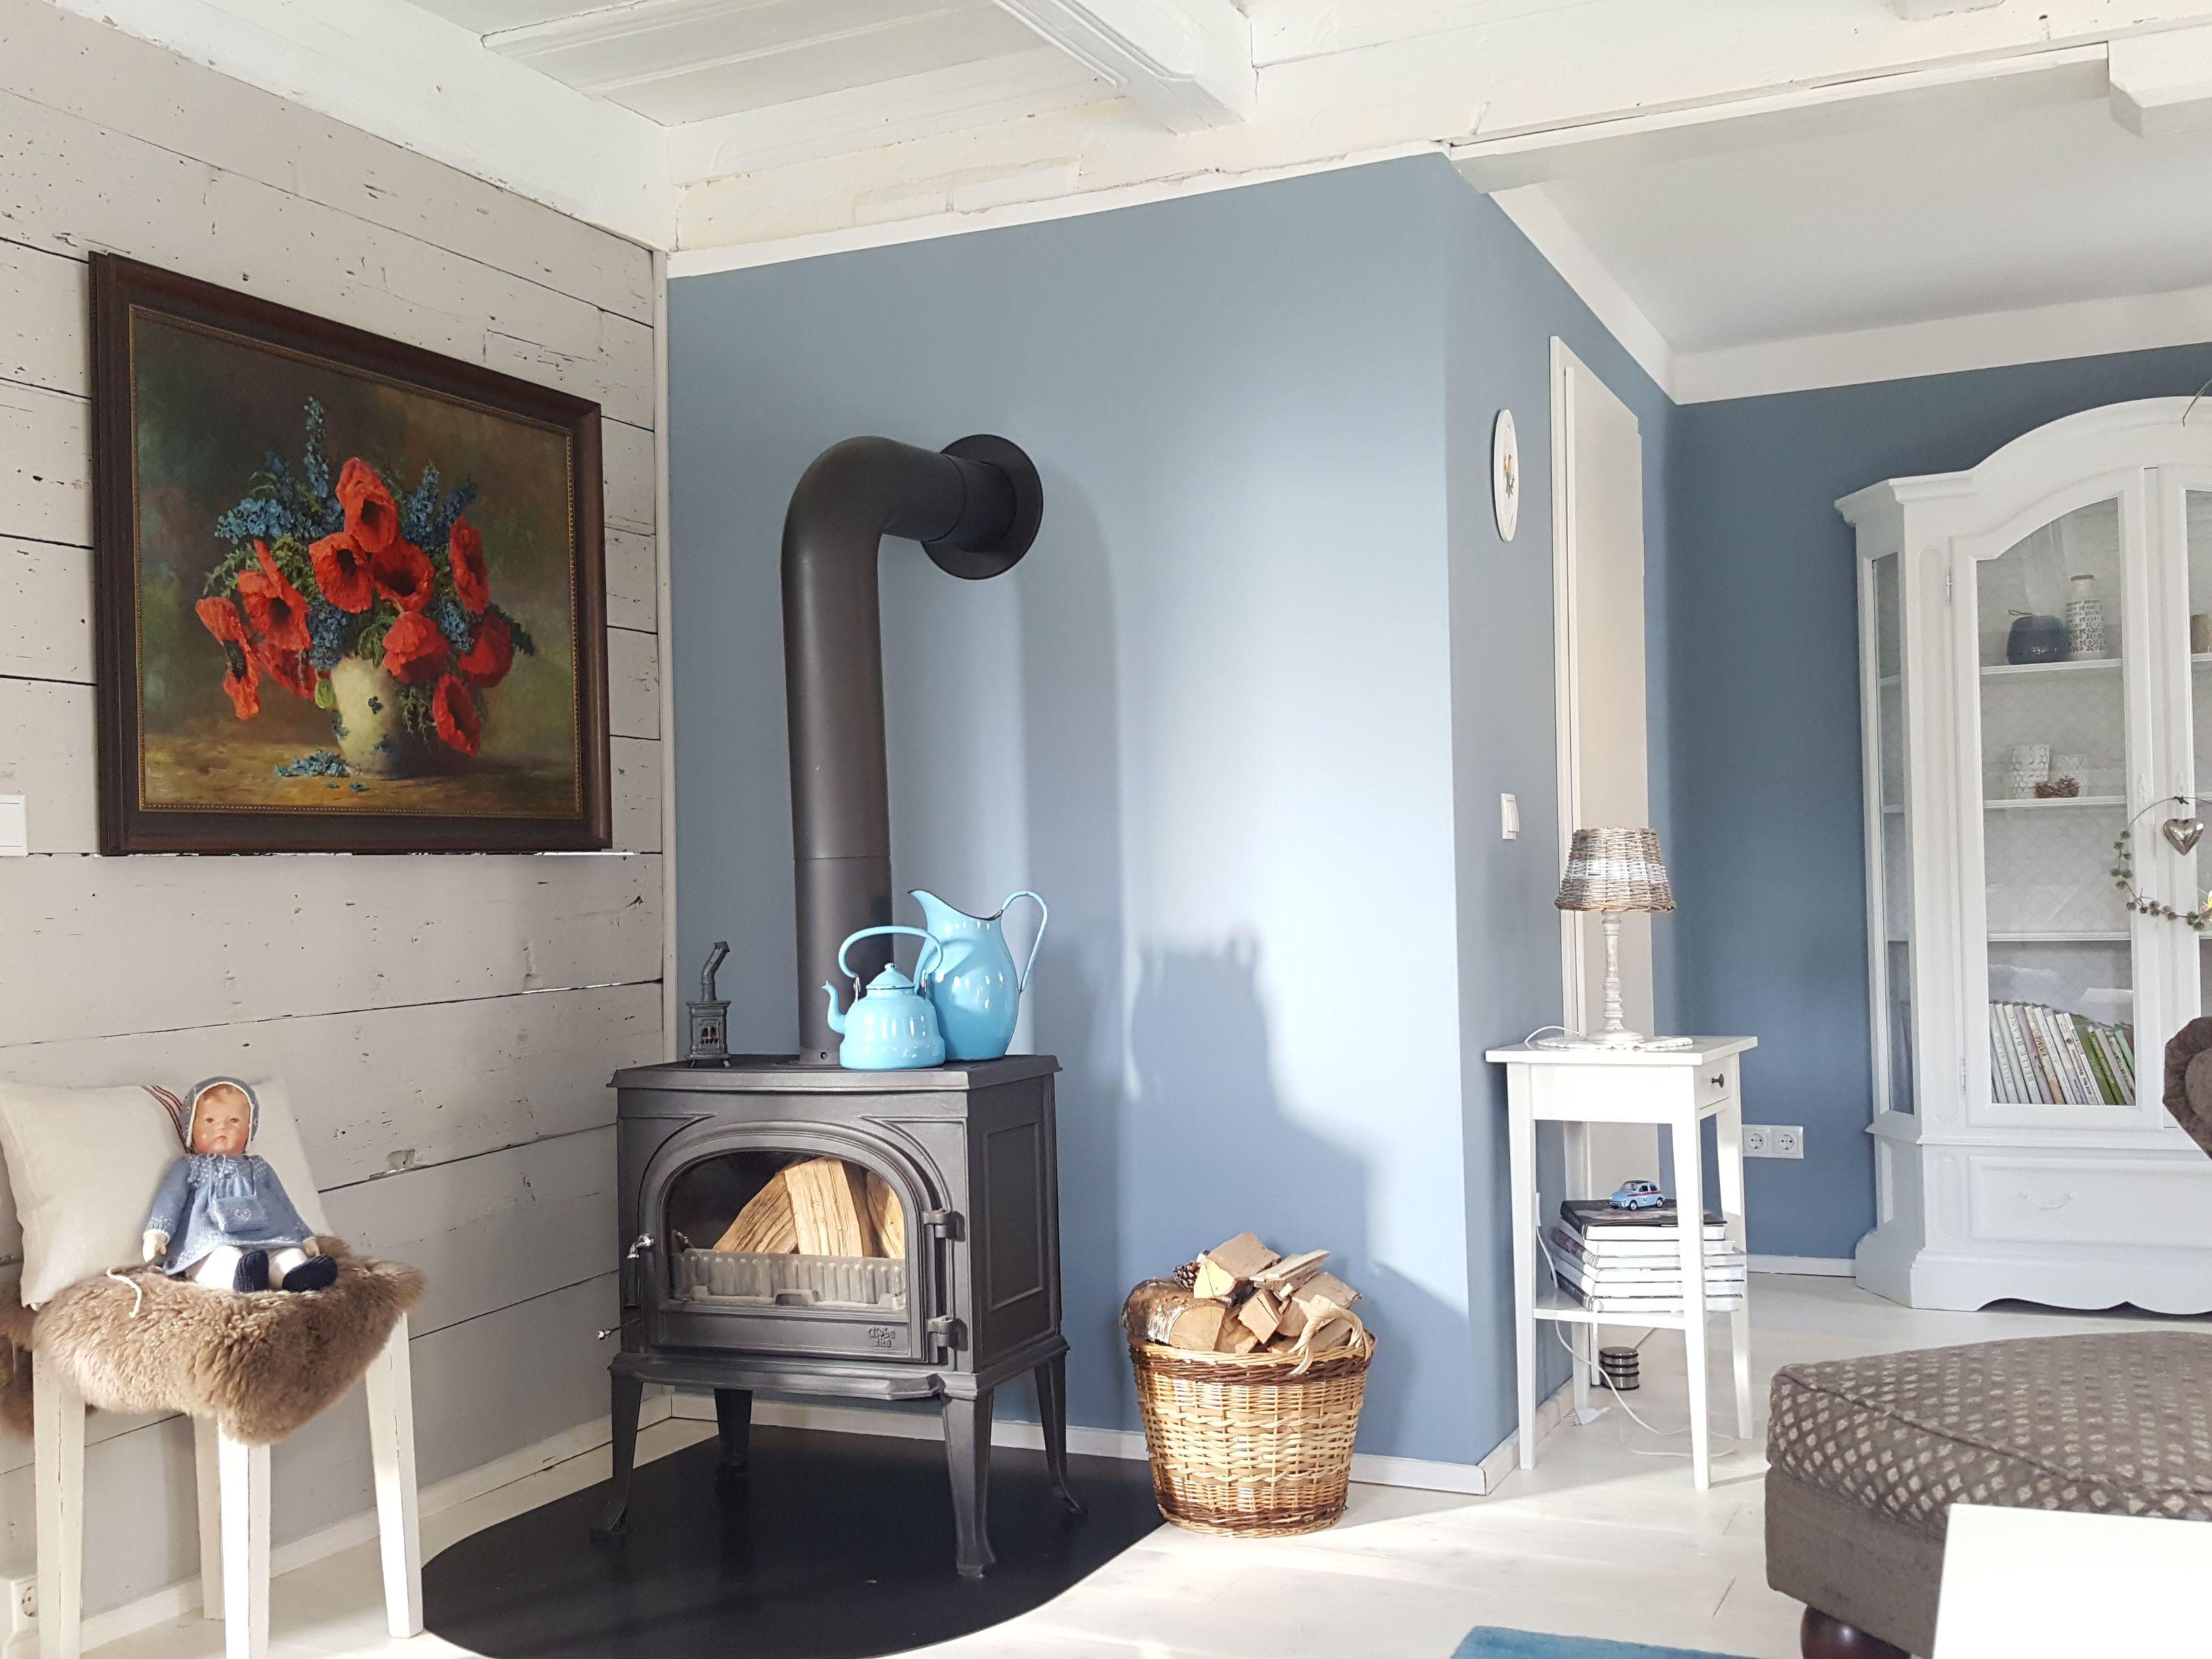 Am Wochenende Haben Wir Unser Wohnzimmer Aufgefrischt. Freu :relaxed:  Vorher Hatten Wir Braune Eichenbalken Und Die Verputzten Wände Waren Weiß.